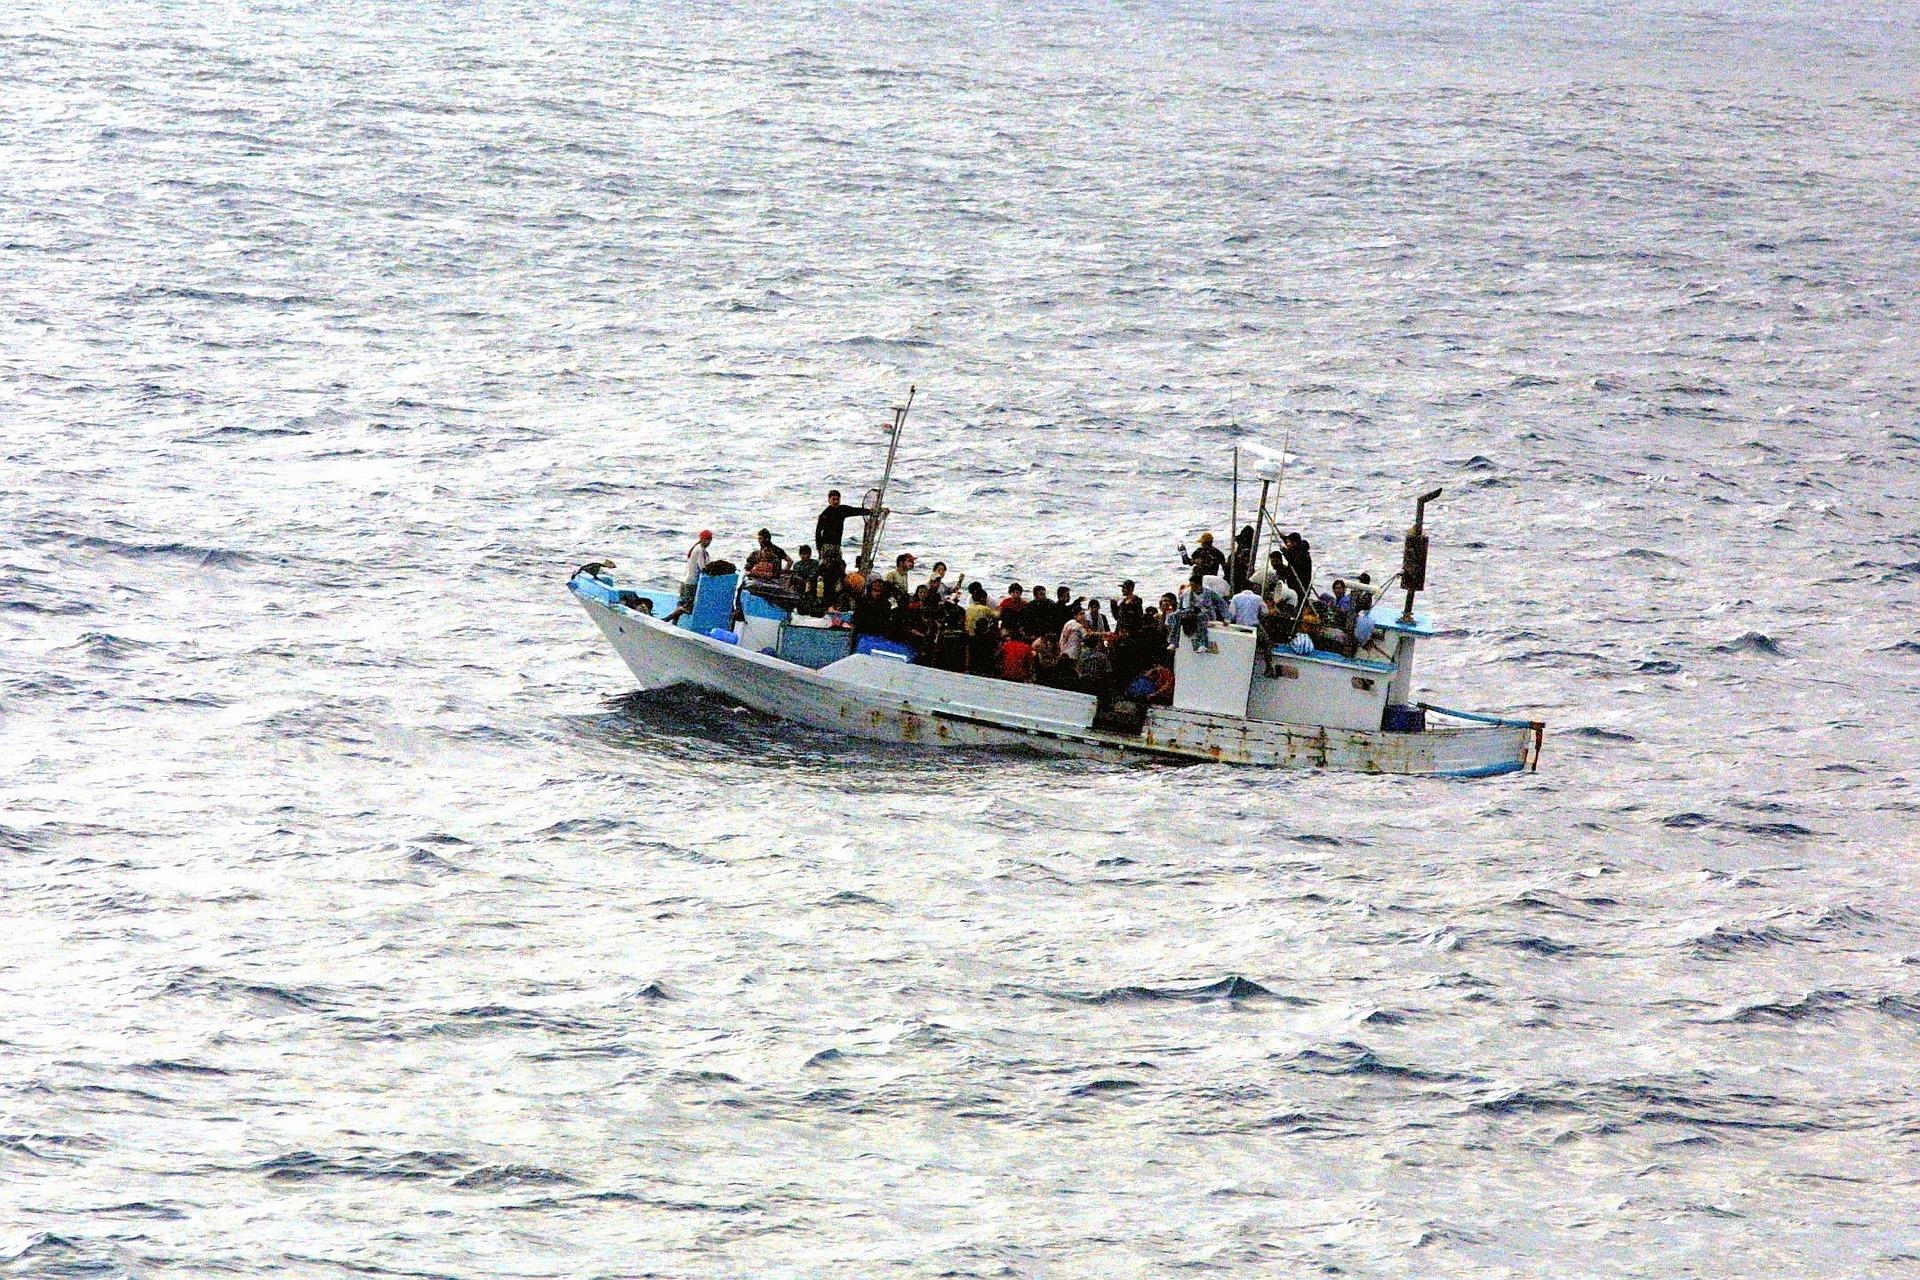 Εκπαιδευτικό Σεμινάριο «Η Διαχείριση των Εξωτερικών Συνόρων της ΕΕ στην Ανατολική Μεσόγειο»